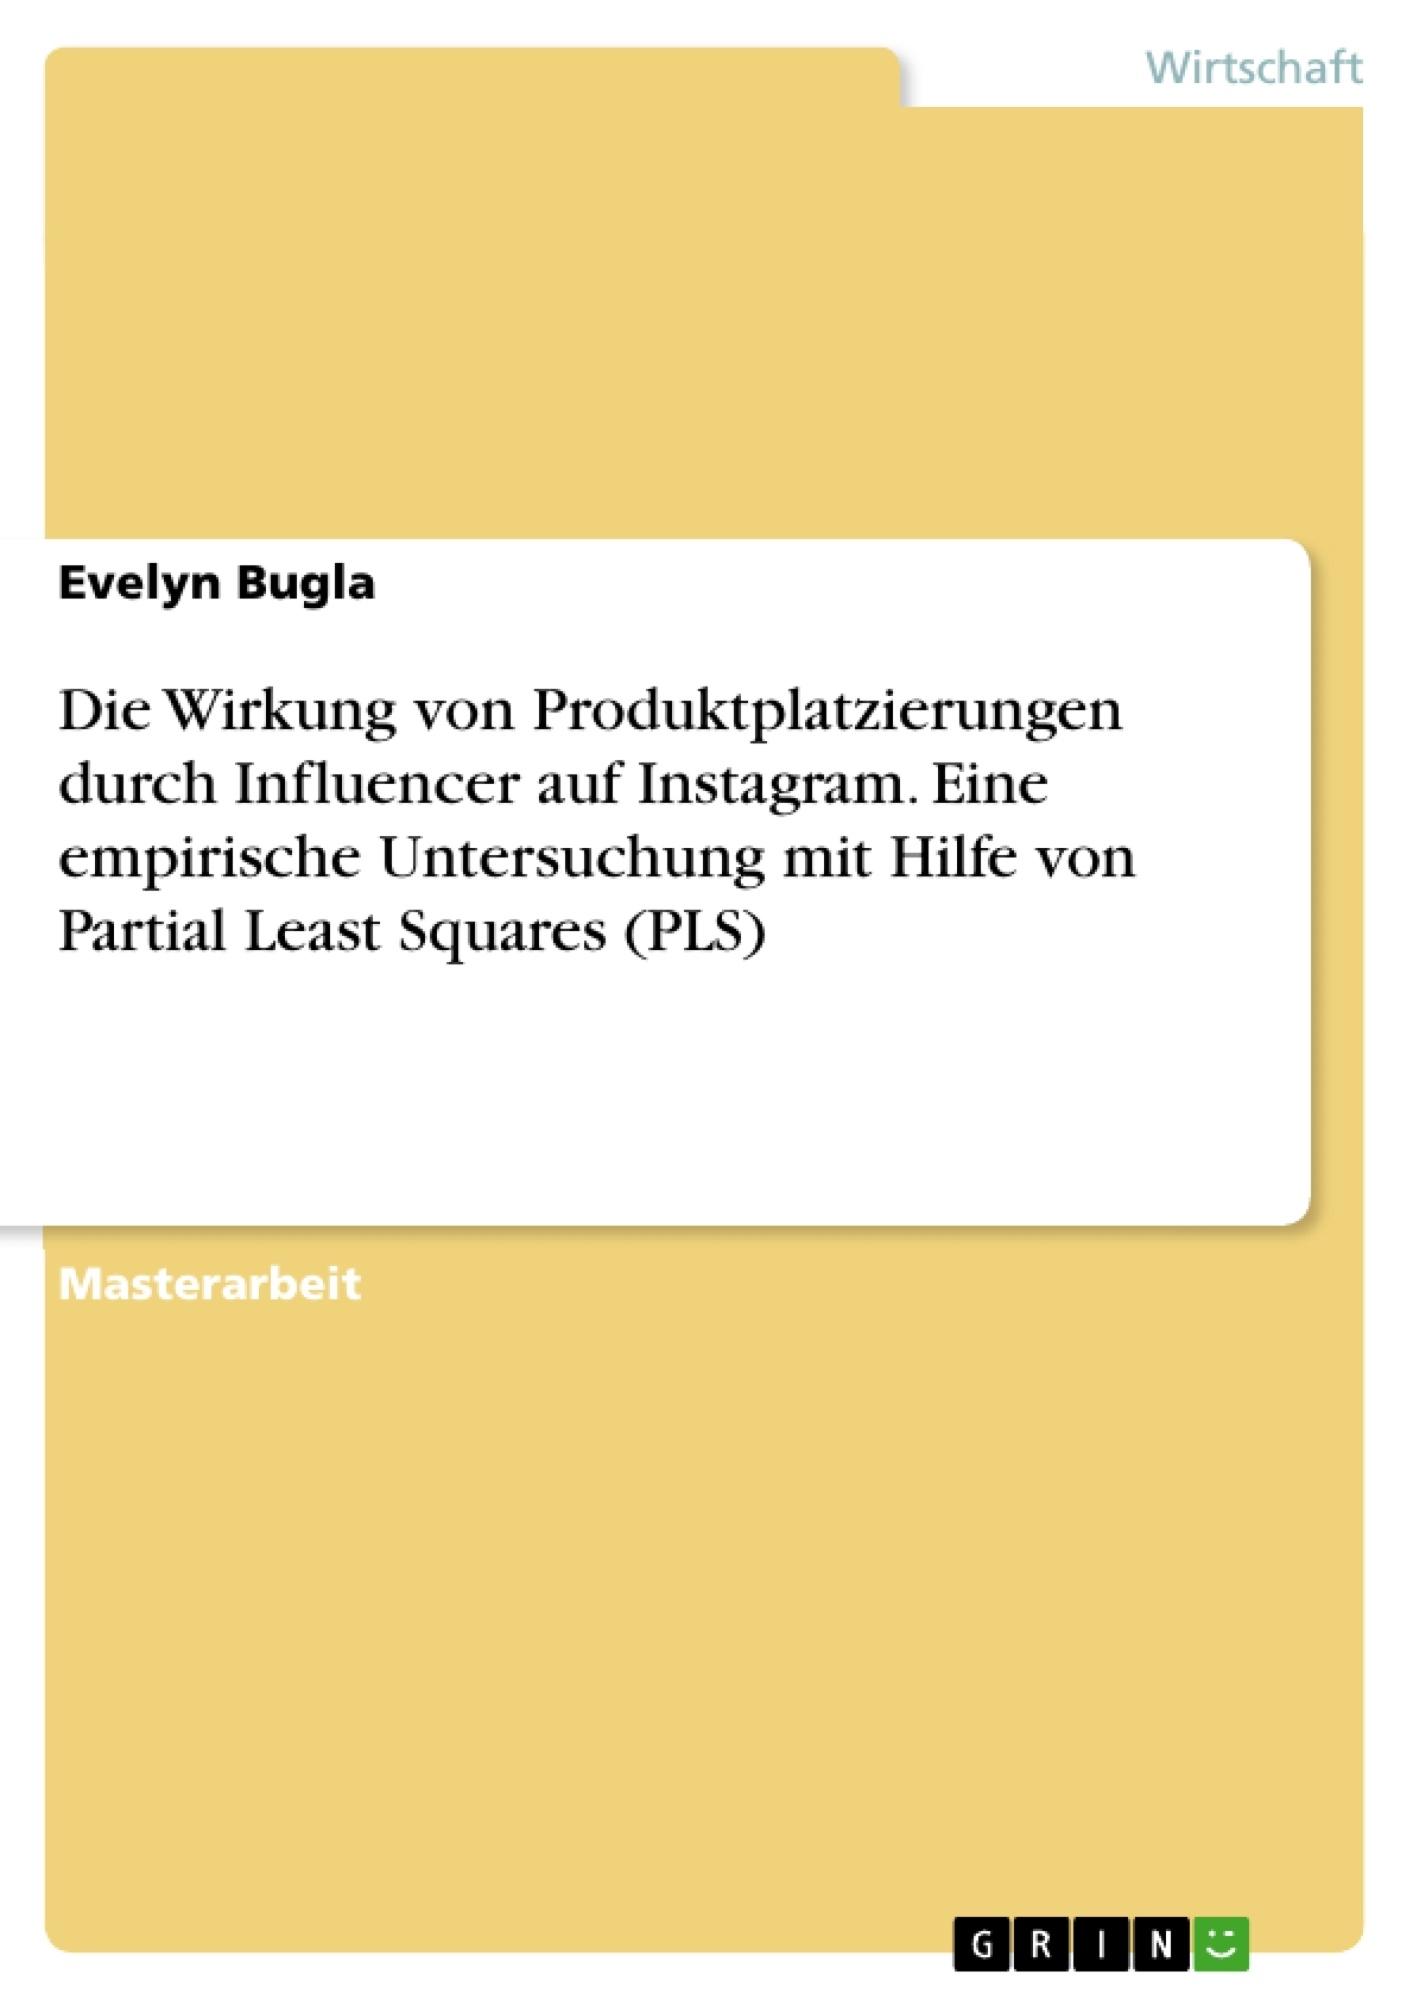 Titel: Die Wirkung von Produktplatzierungen durch Influencer auf Instagram. Eine empirische Untersuchung mit Hilfe von Partial Least Squares (PLS)